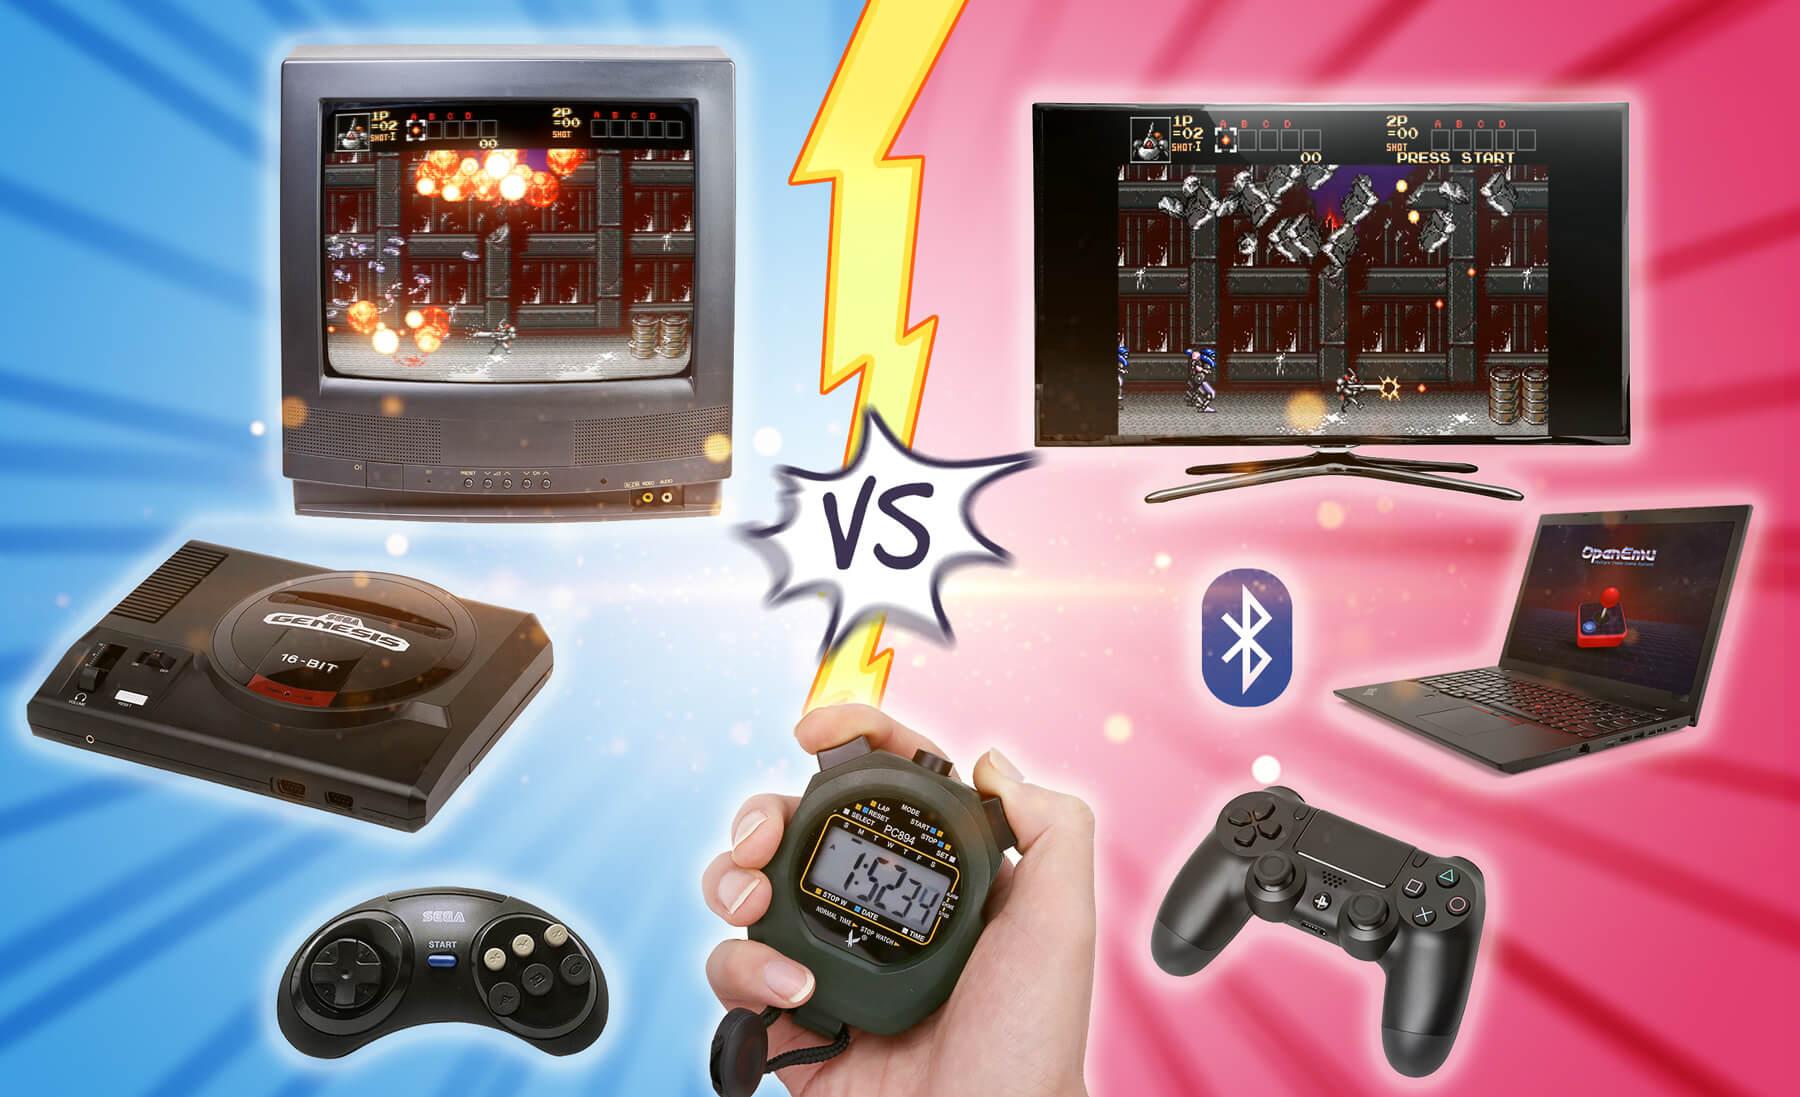 Виртуальные игровые аппараты у кати казино онлайн азарт плей играть онлайн